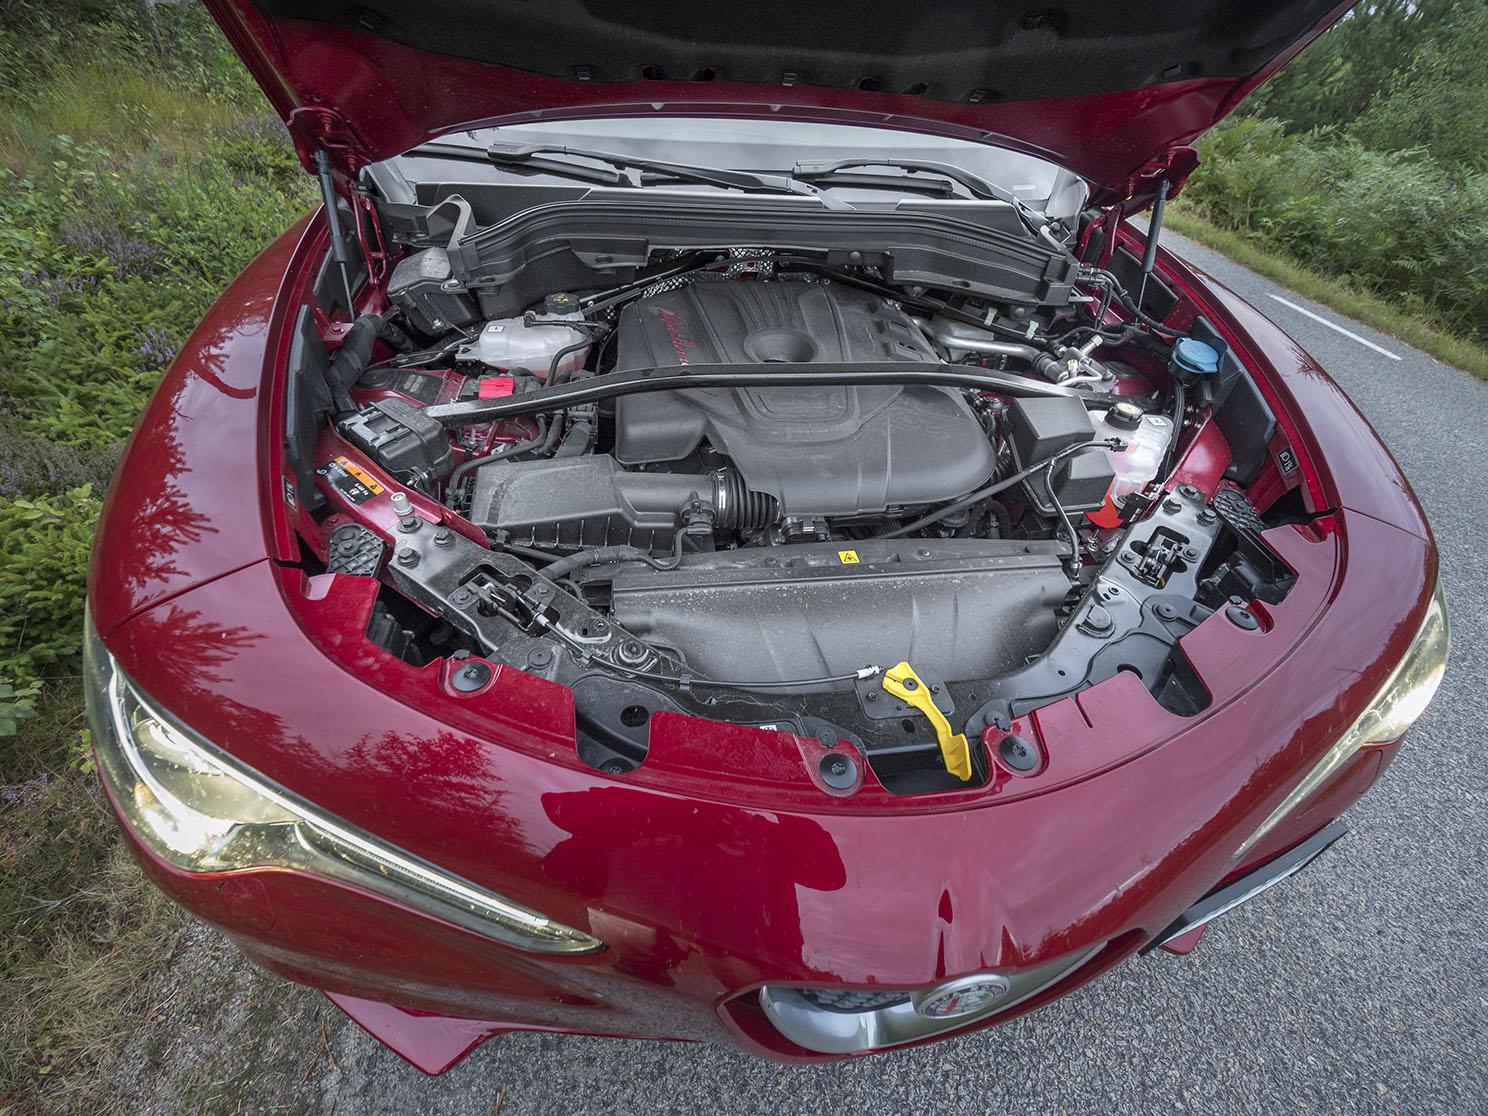 Den fina 210 hästar starka Alfa-fyran är längsmonterad och den är både snål och flexibel. Ett stort plus för motorn och drivlinan i sin helhet.